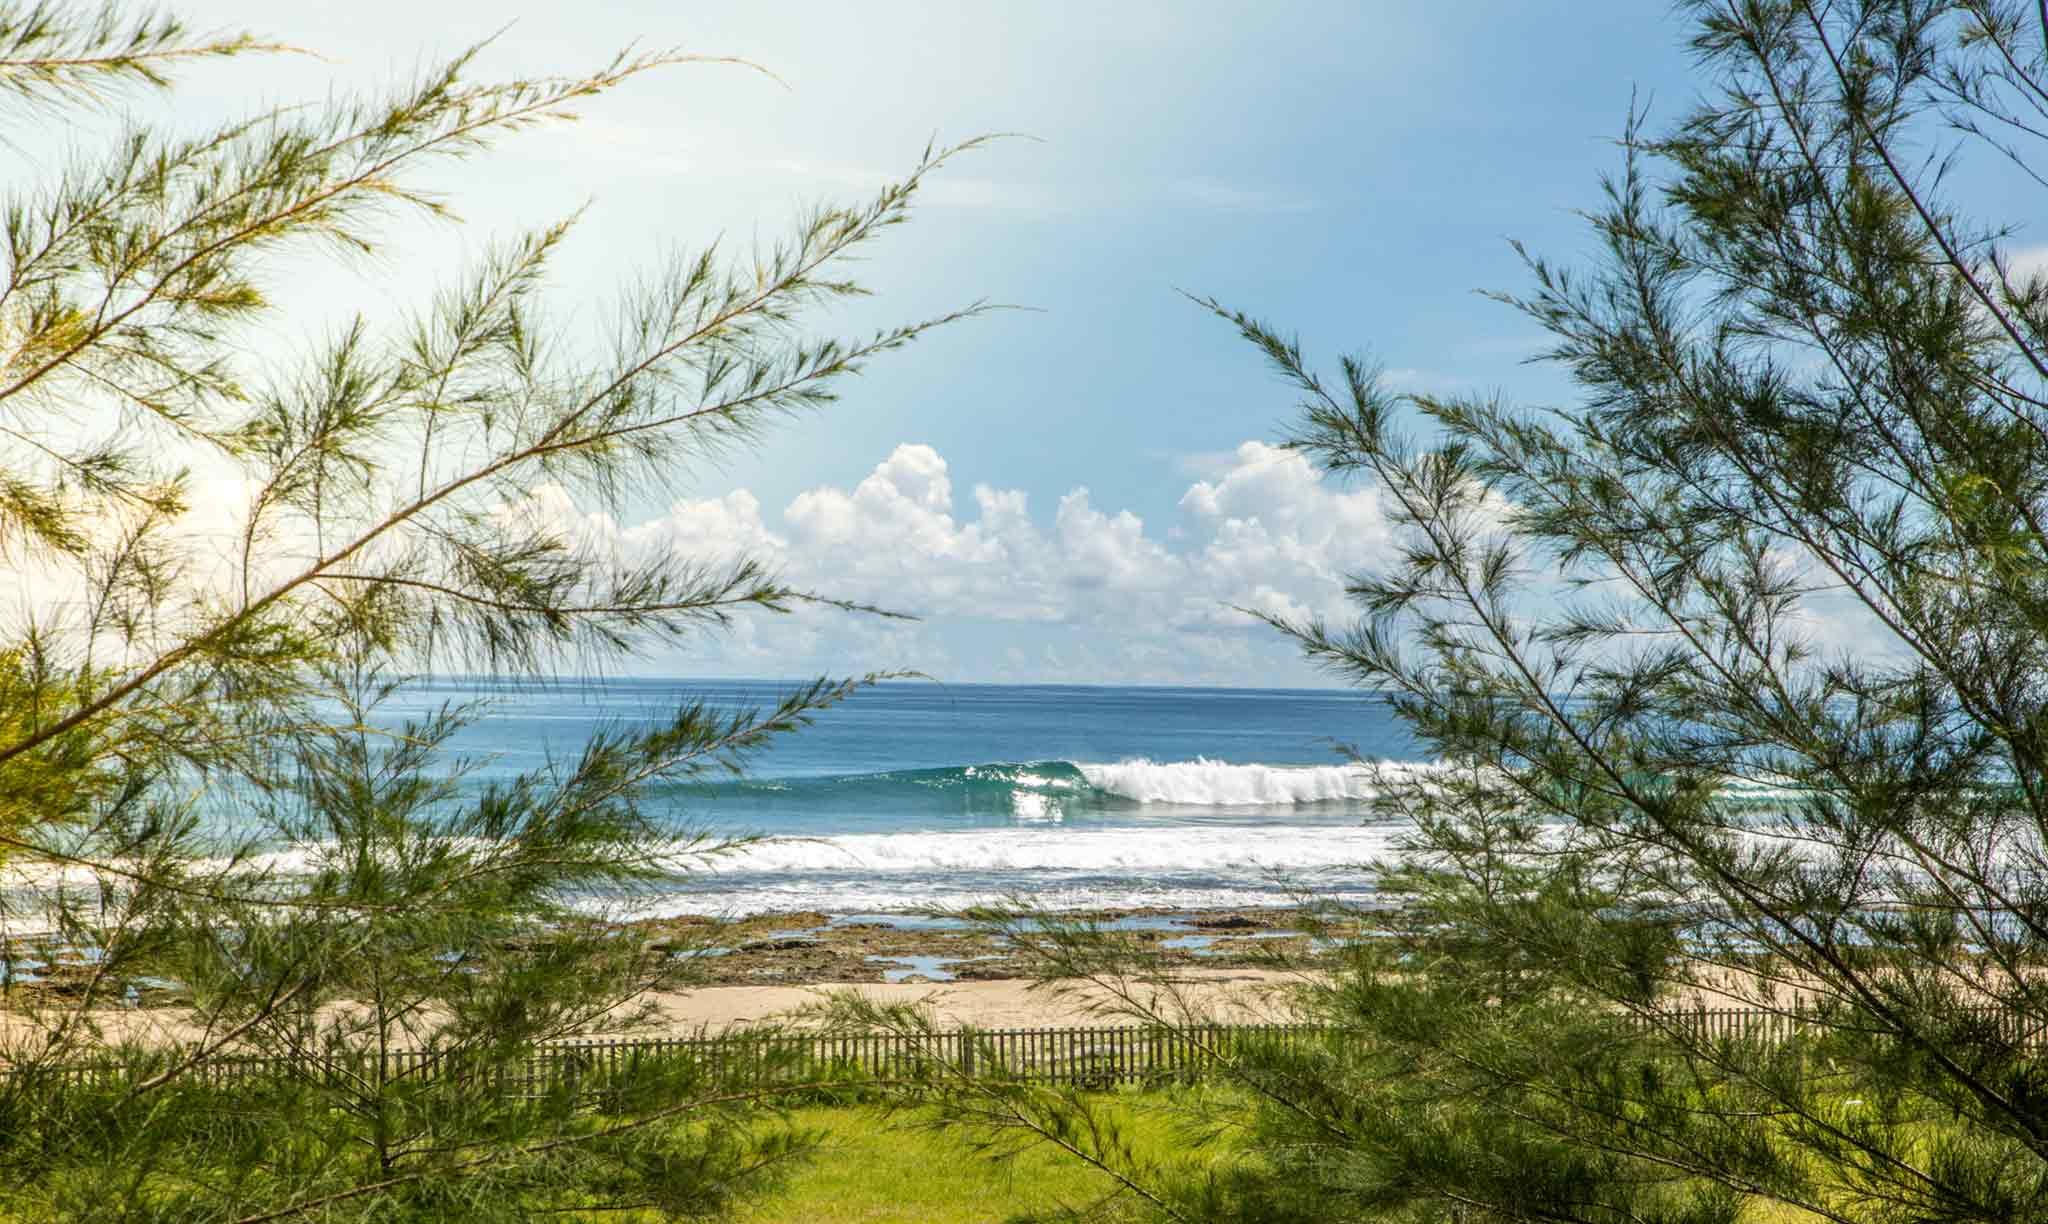 Mahi Mahi Waves 14